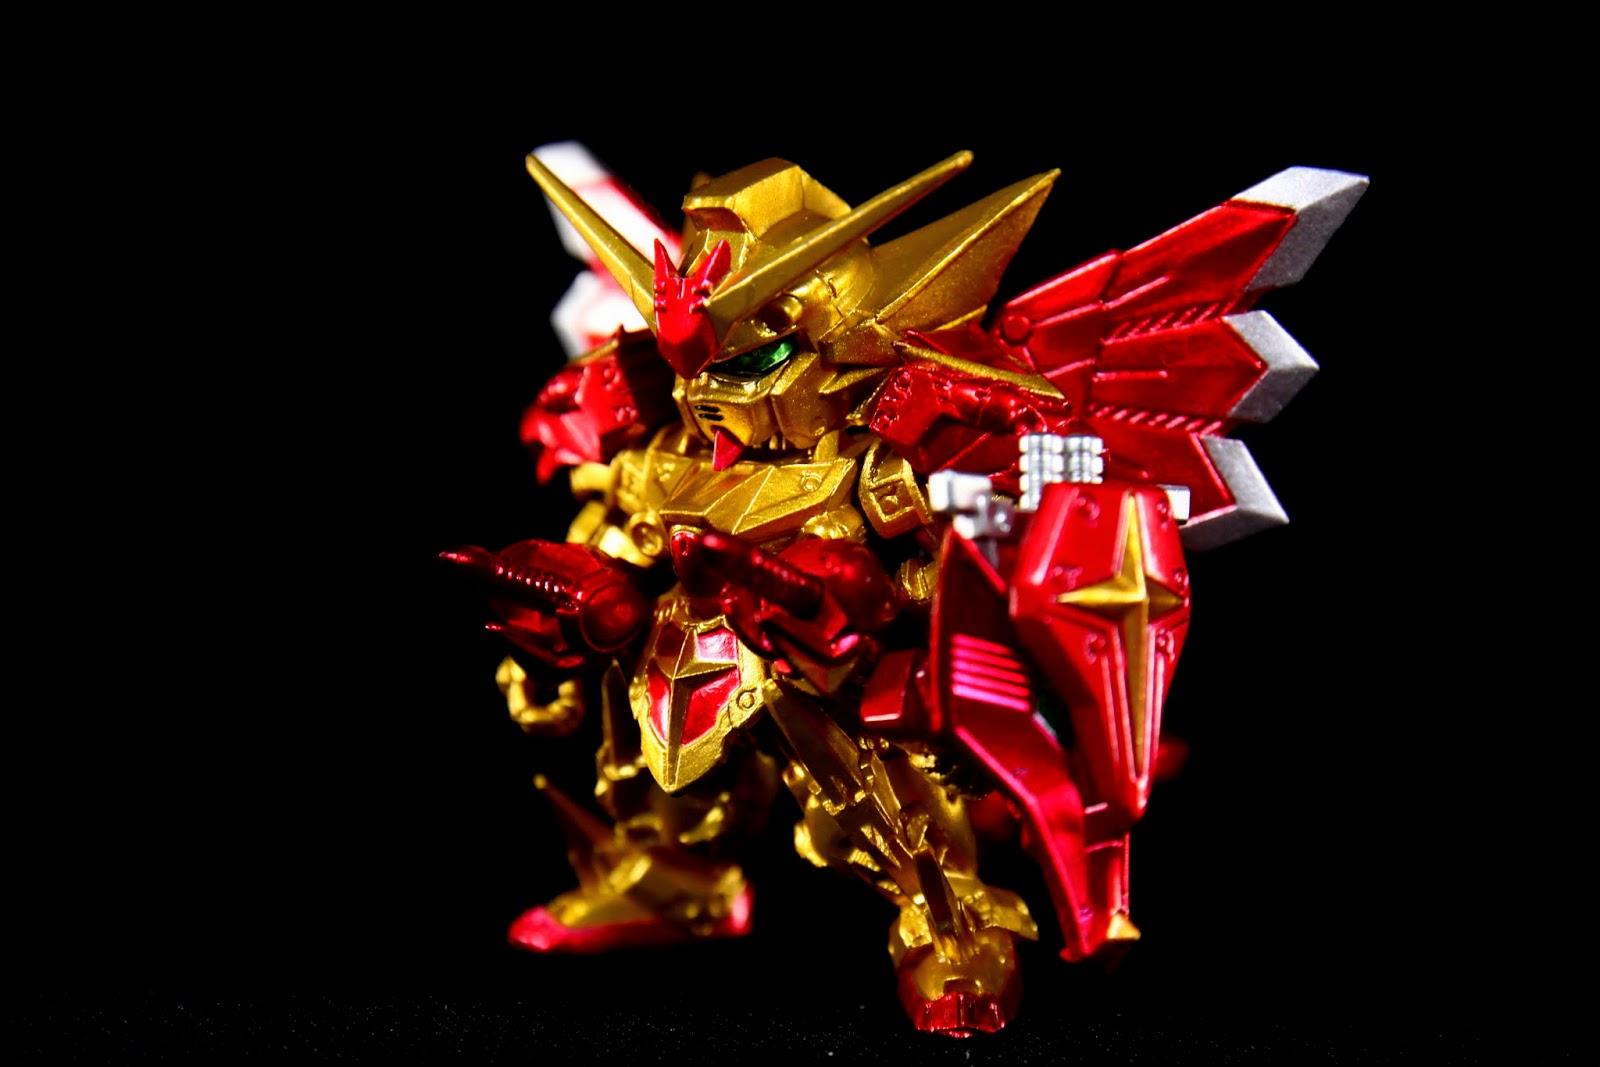 金光閃閃就是他的正字標記, 這只是他最初的樣貌